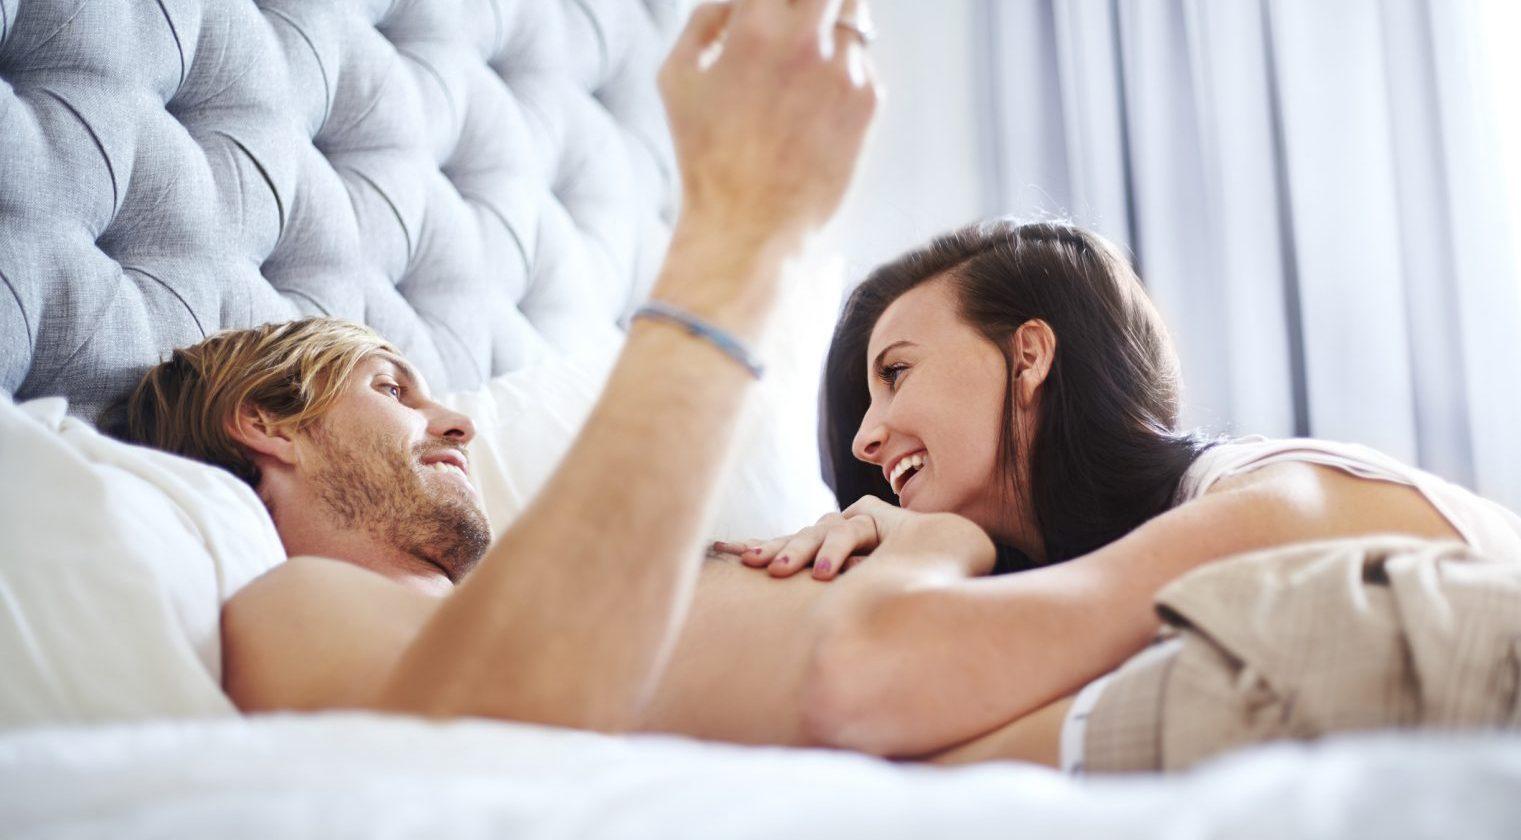 Принудительный оргазм женщин, Судорожный оргазм, оргазм до дрожи: Порно студентов 11 фотография